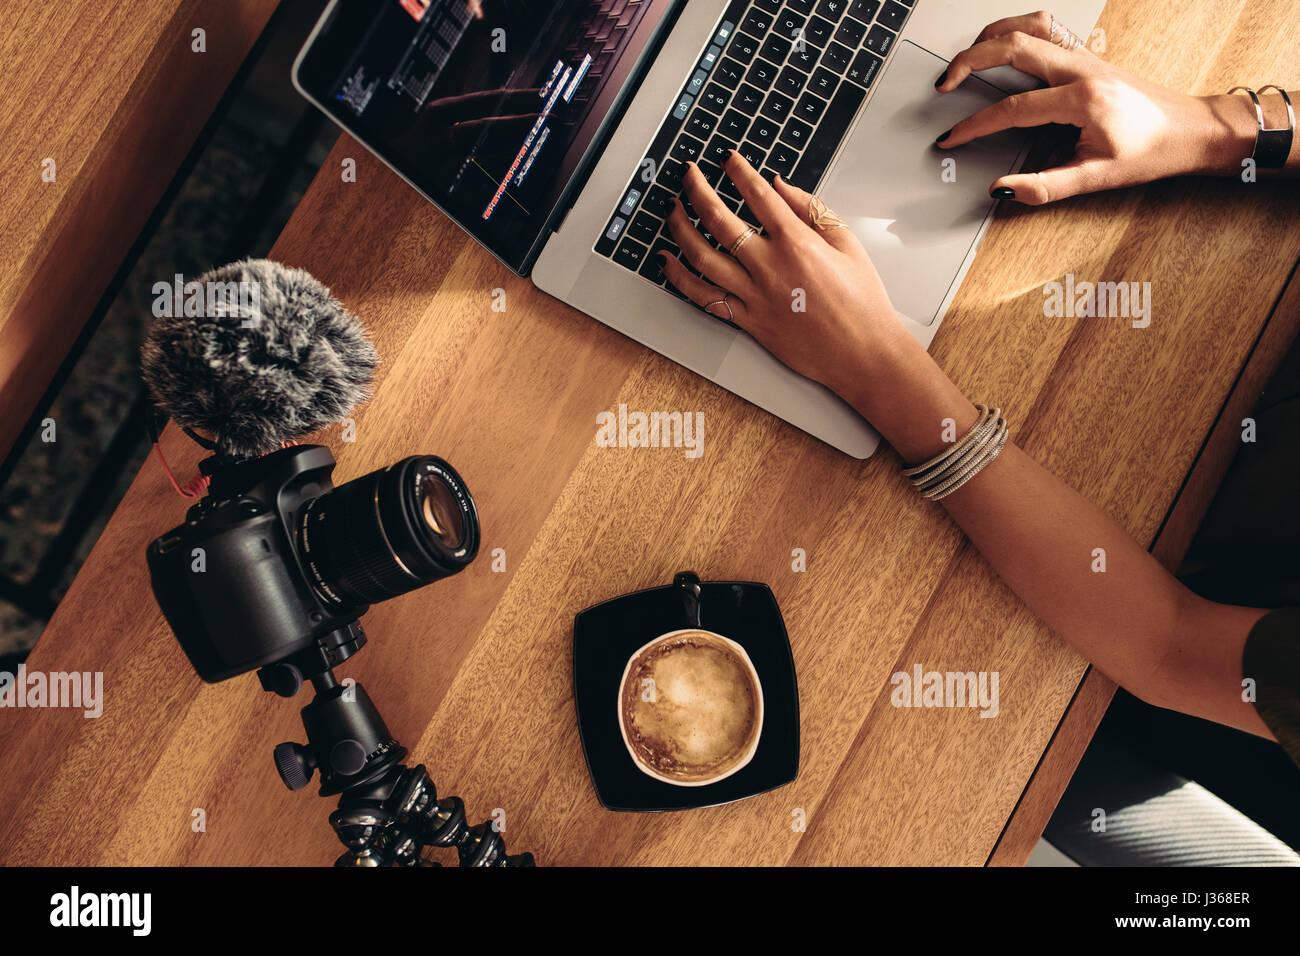 Vue de dessus du montage vidéo vlogger femelle ordinateur portable. Jeune femme travaillant sur ordinateur Photo Stock